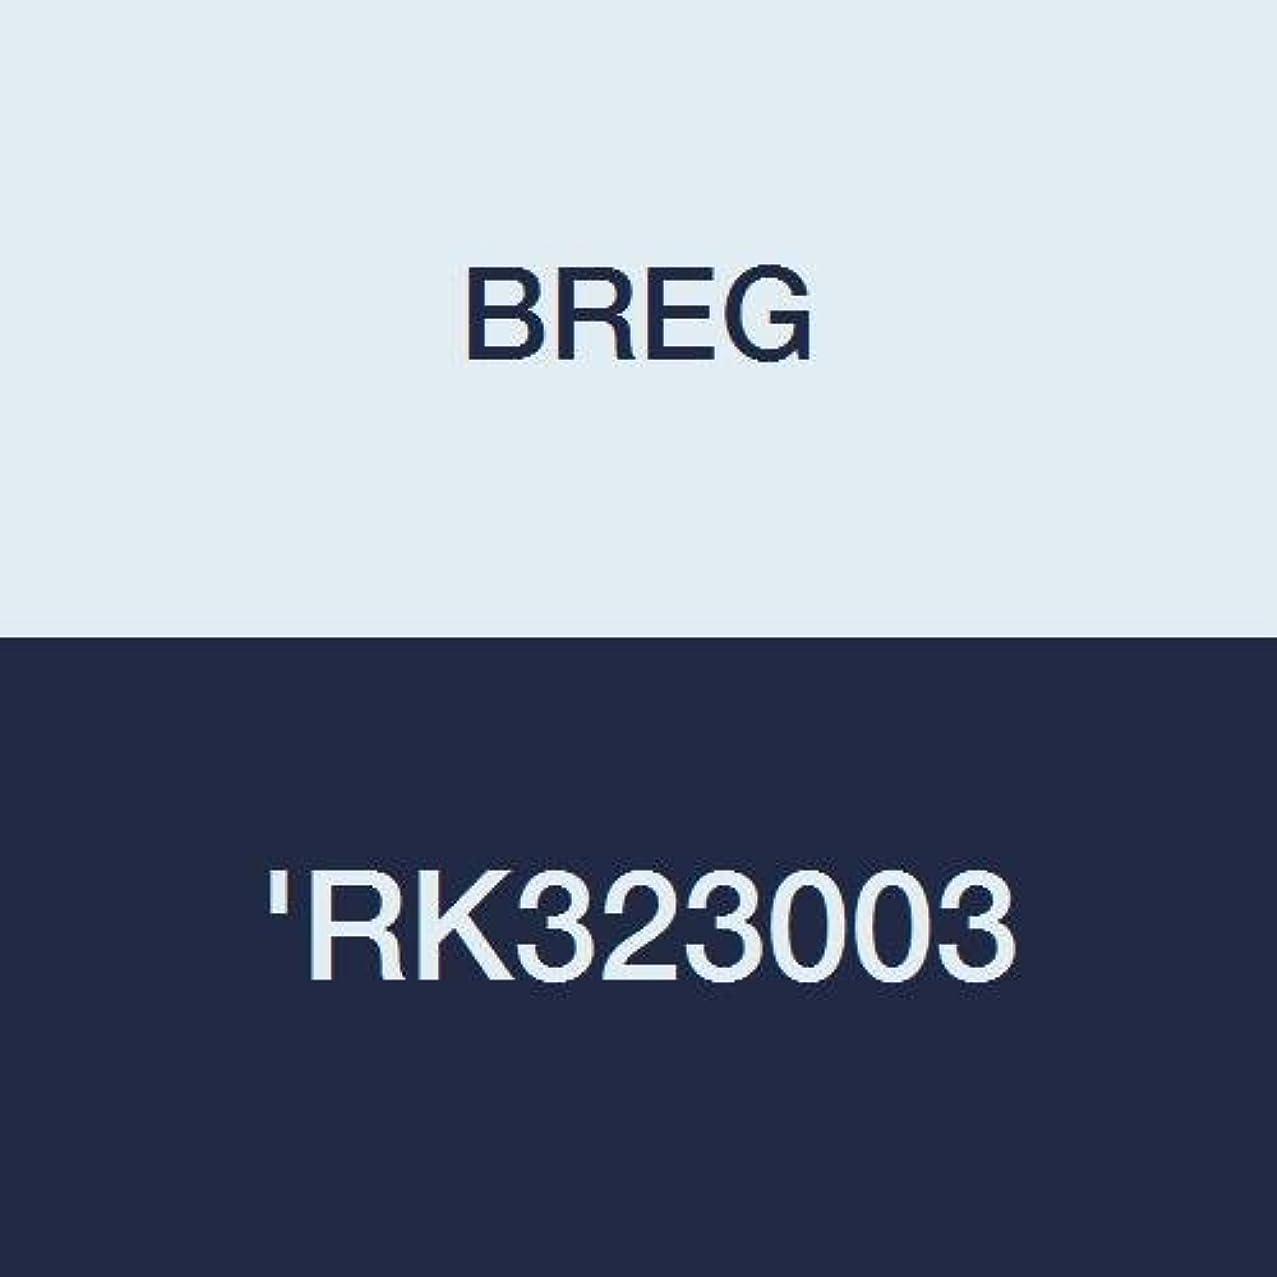 BREG 'RK323003 Crossover Brace, Front Thigh, Standard, 3D Neoprene, S